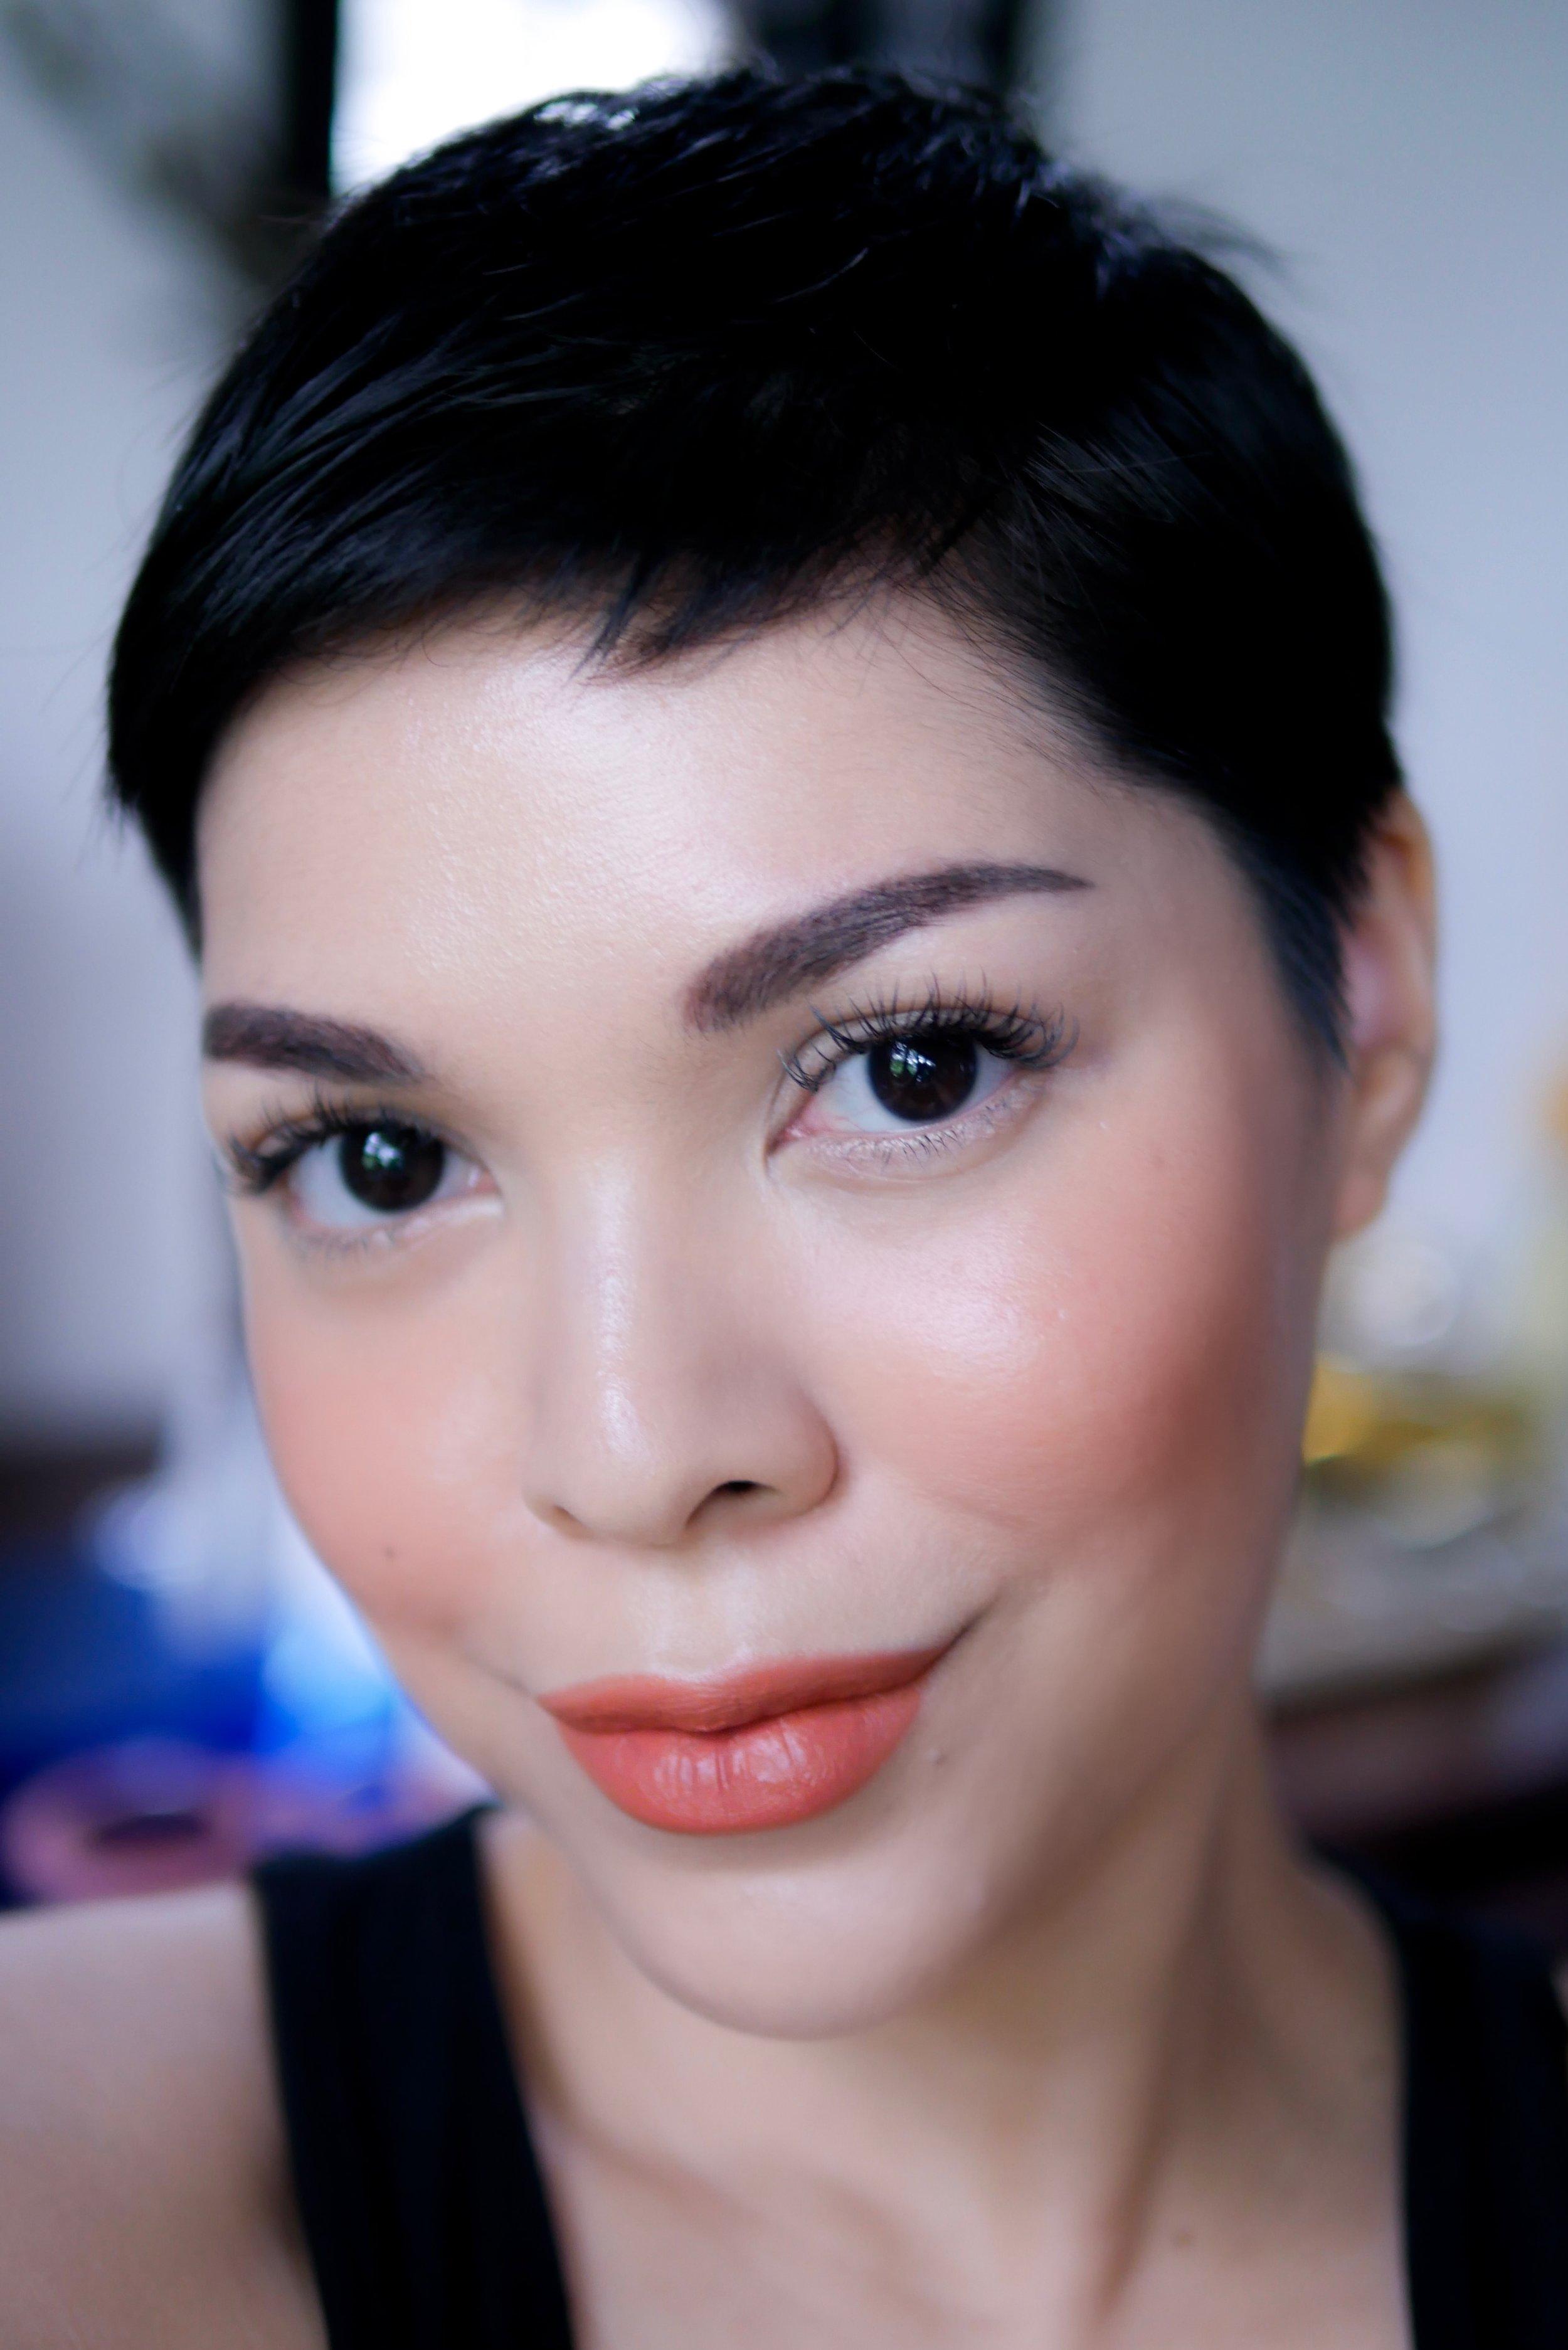 Pipi dan bibir menggunakan  Trope Velvet Matte Lipstick   shade   No.04 Flamingo .